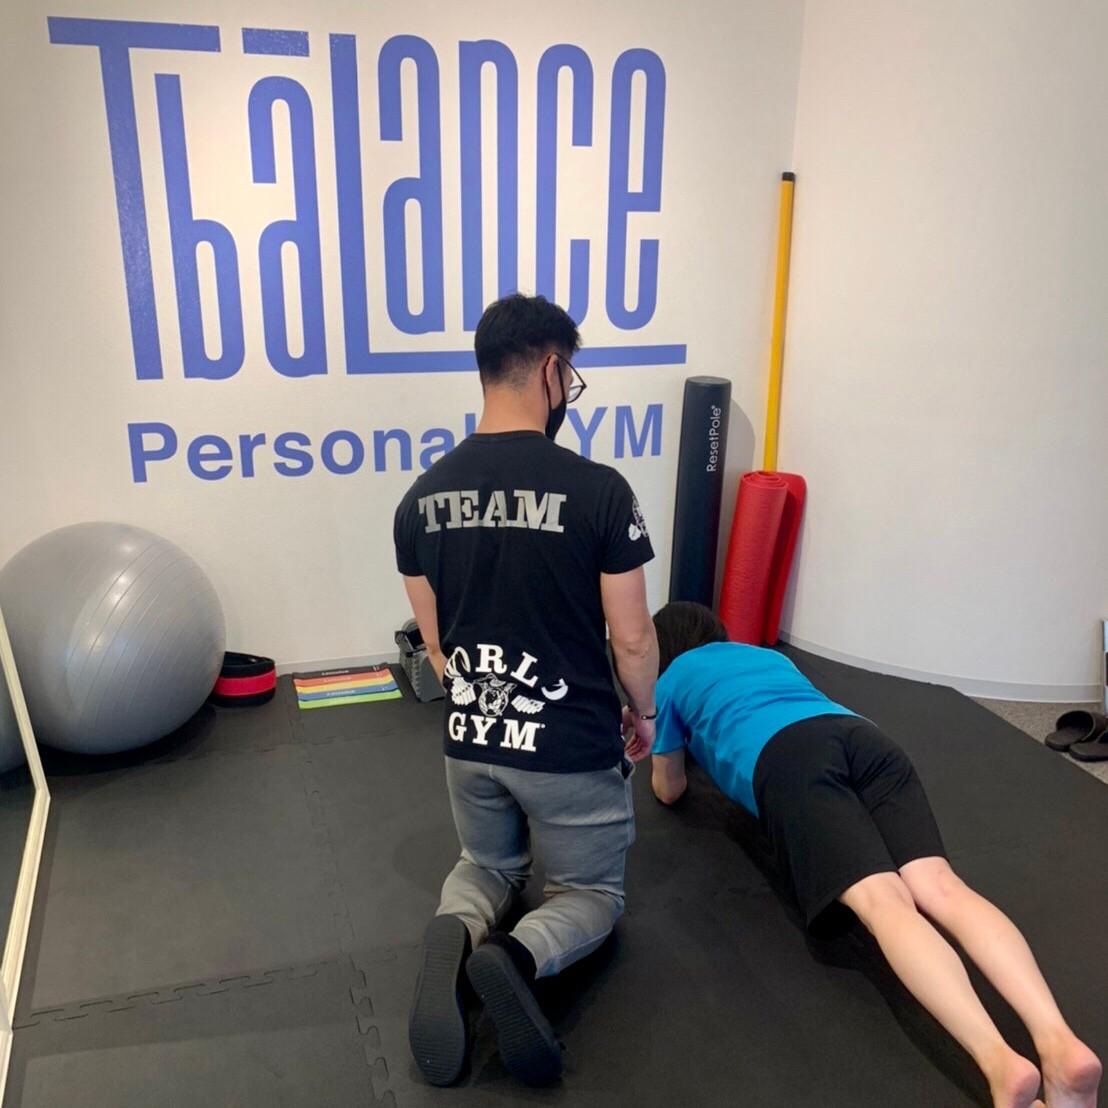 パーソナルトレーニングジム秋葉原店の女性のプランクトレーニング